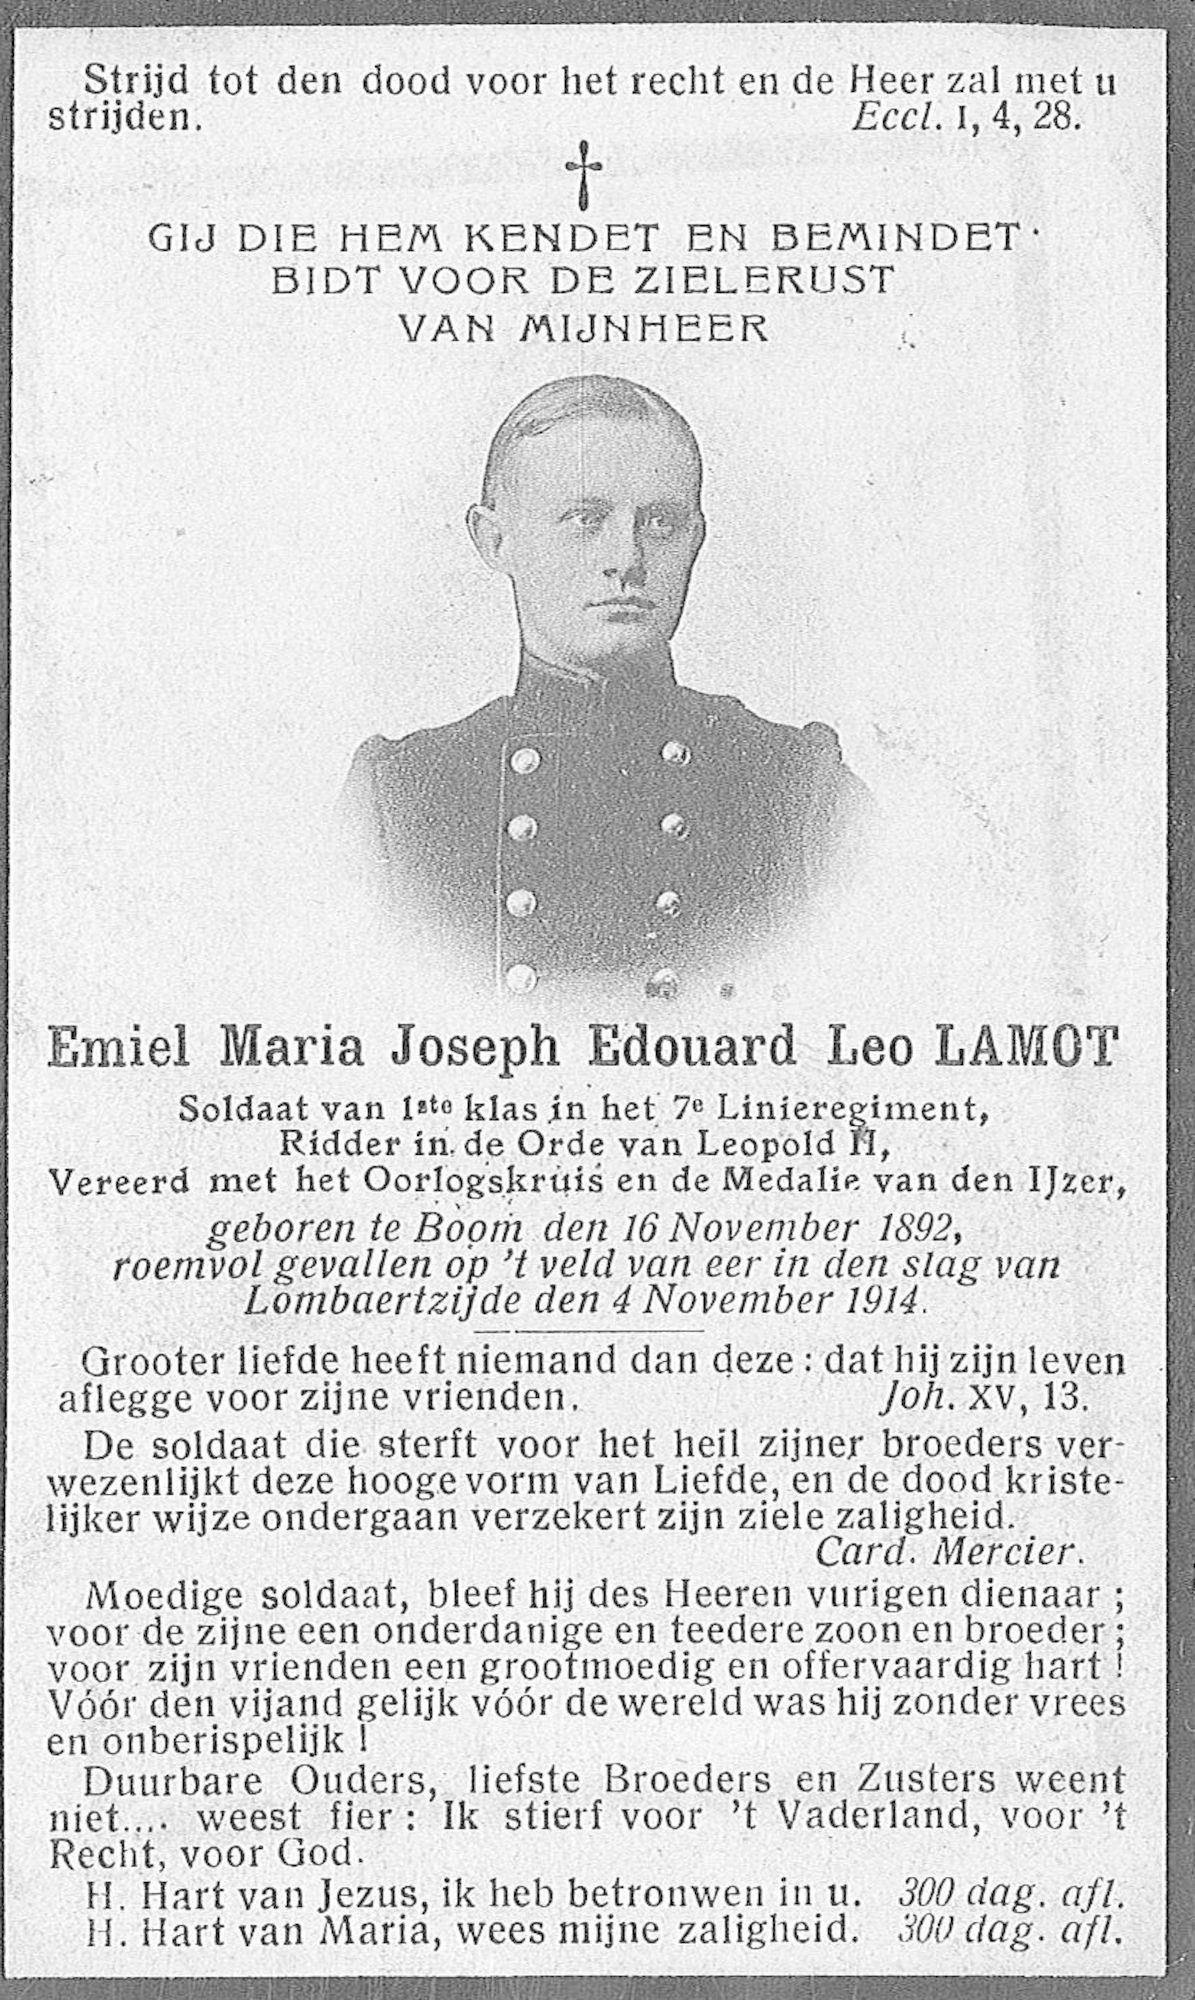 Emiel Maria Joseph Eduard Leo Lamot